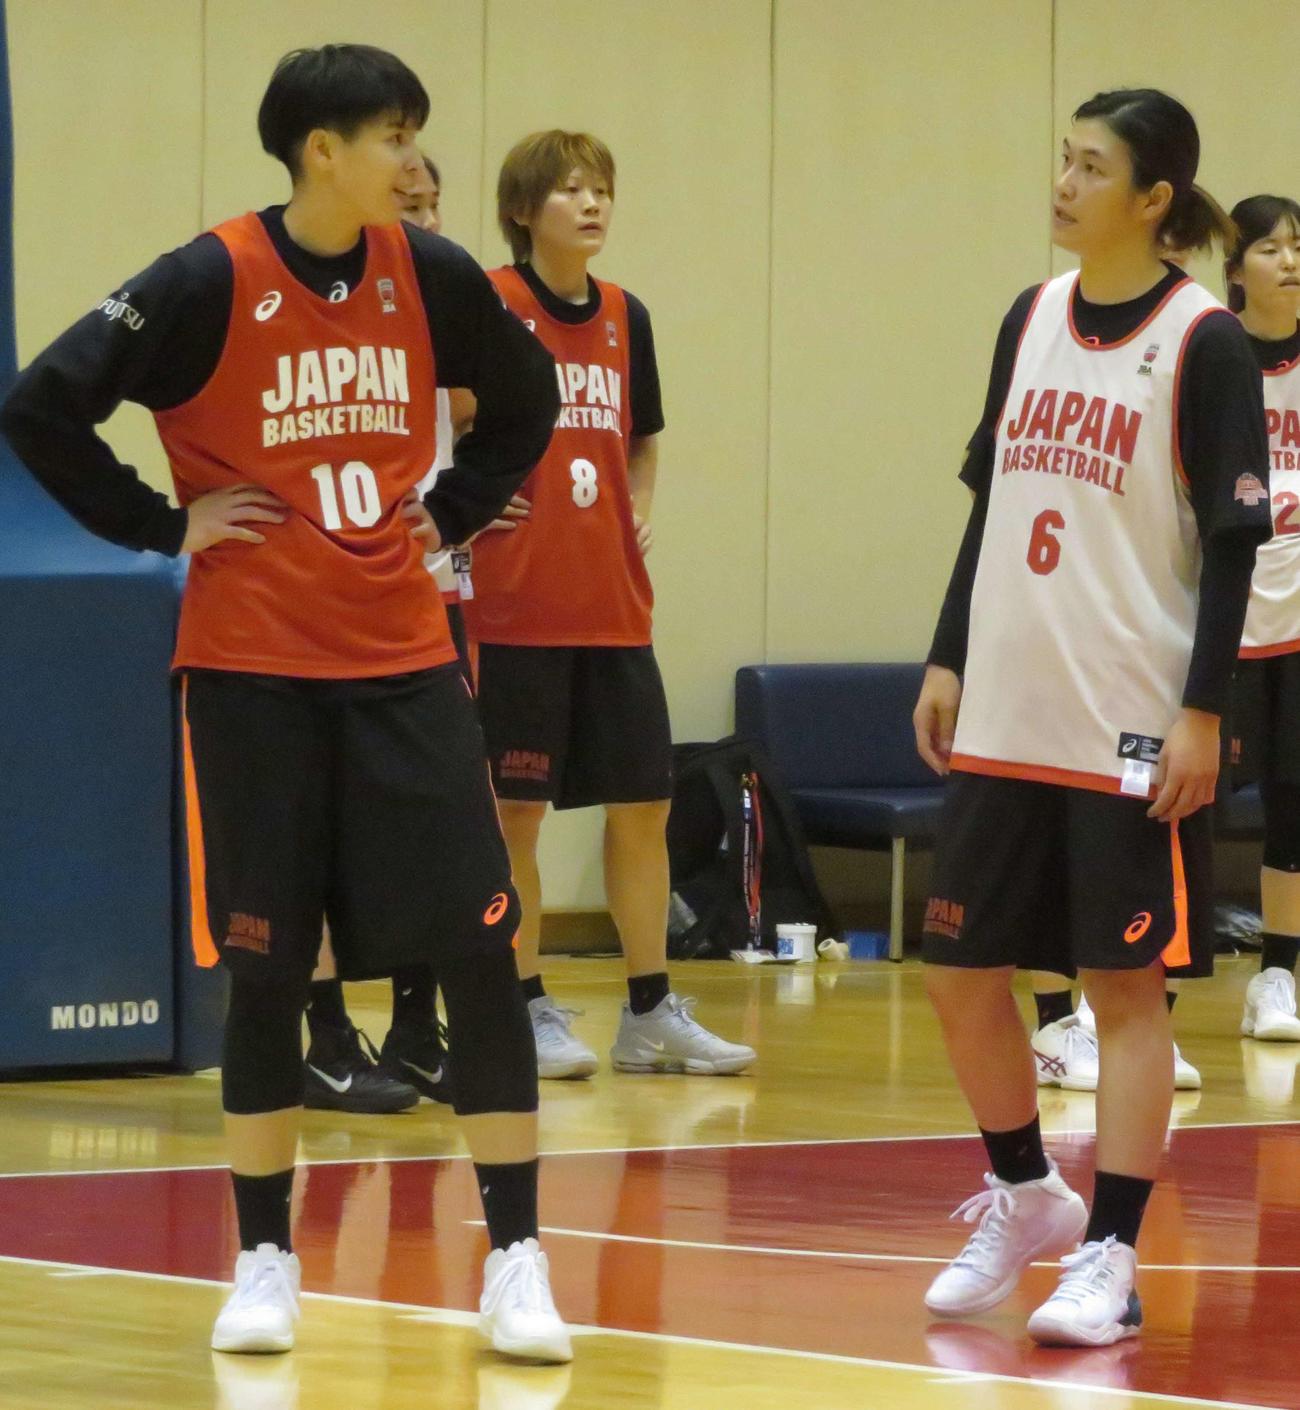 練習中に渡嘉敷(左)と話す大崎佑圭